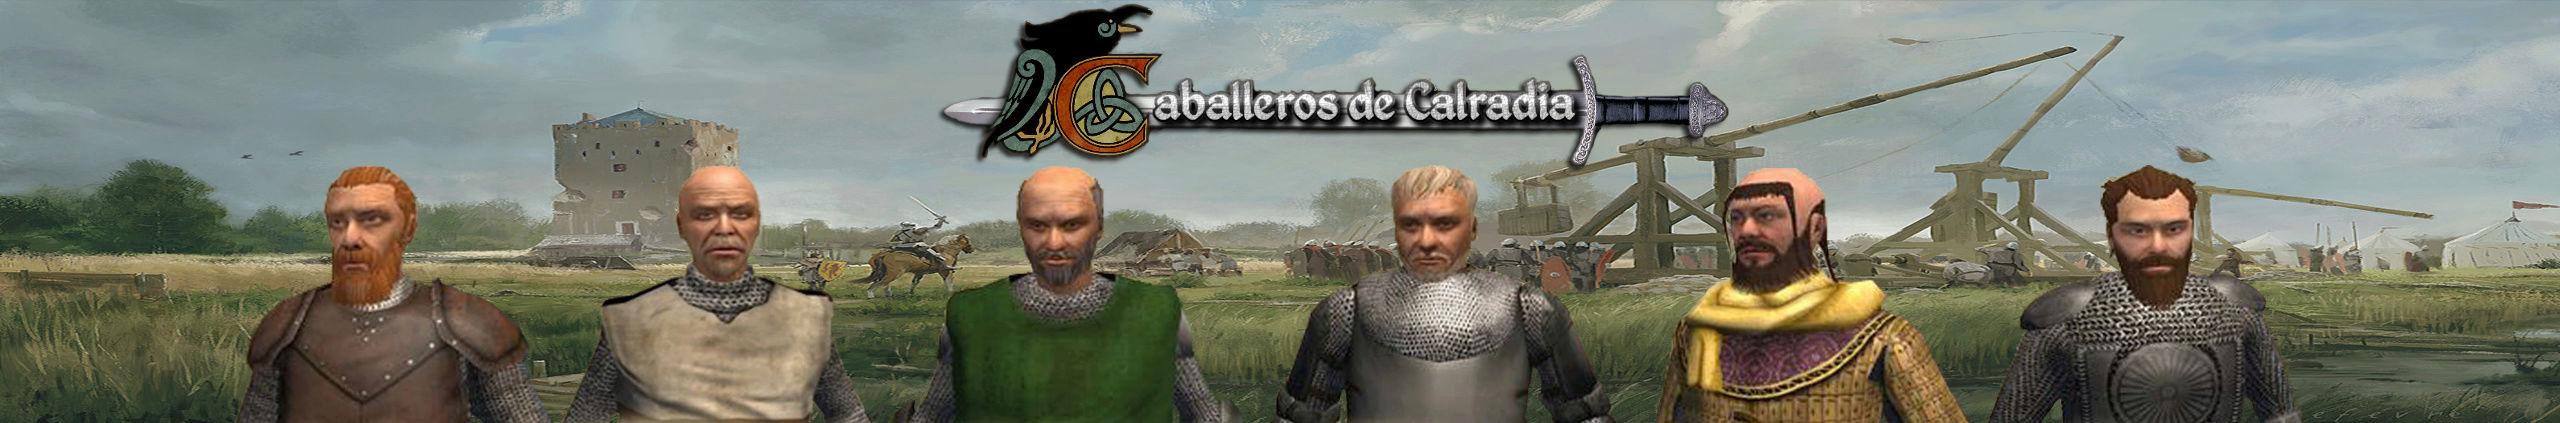 Caballeros de Calradia Canal de Youtube - Página 2 Banner11